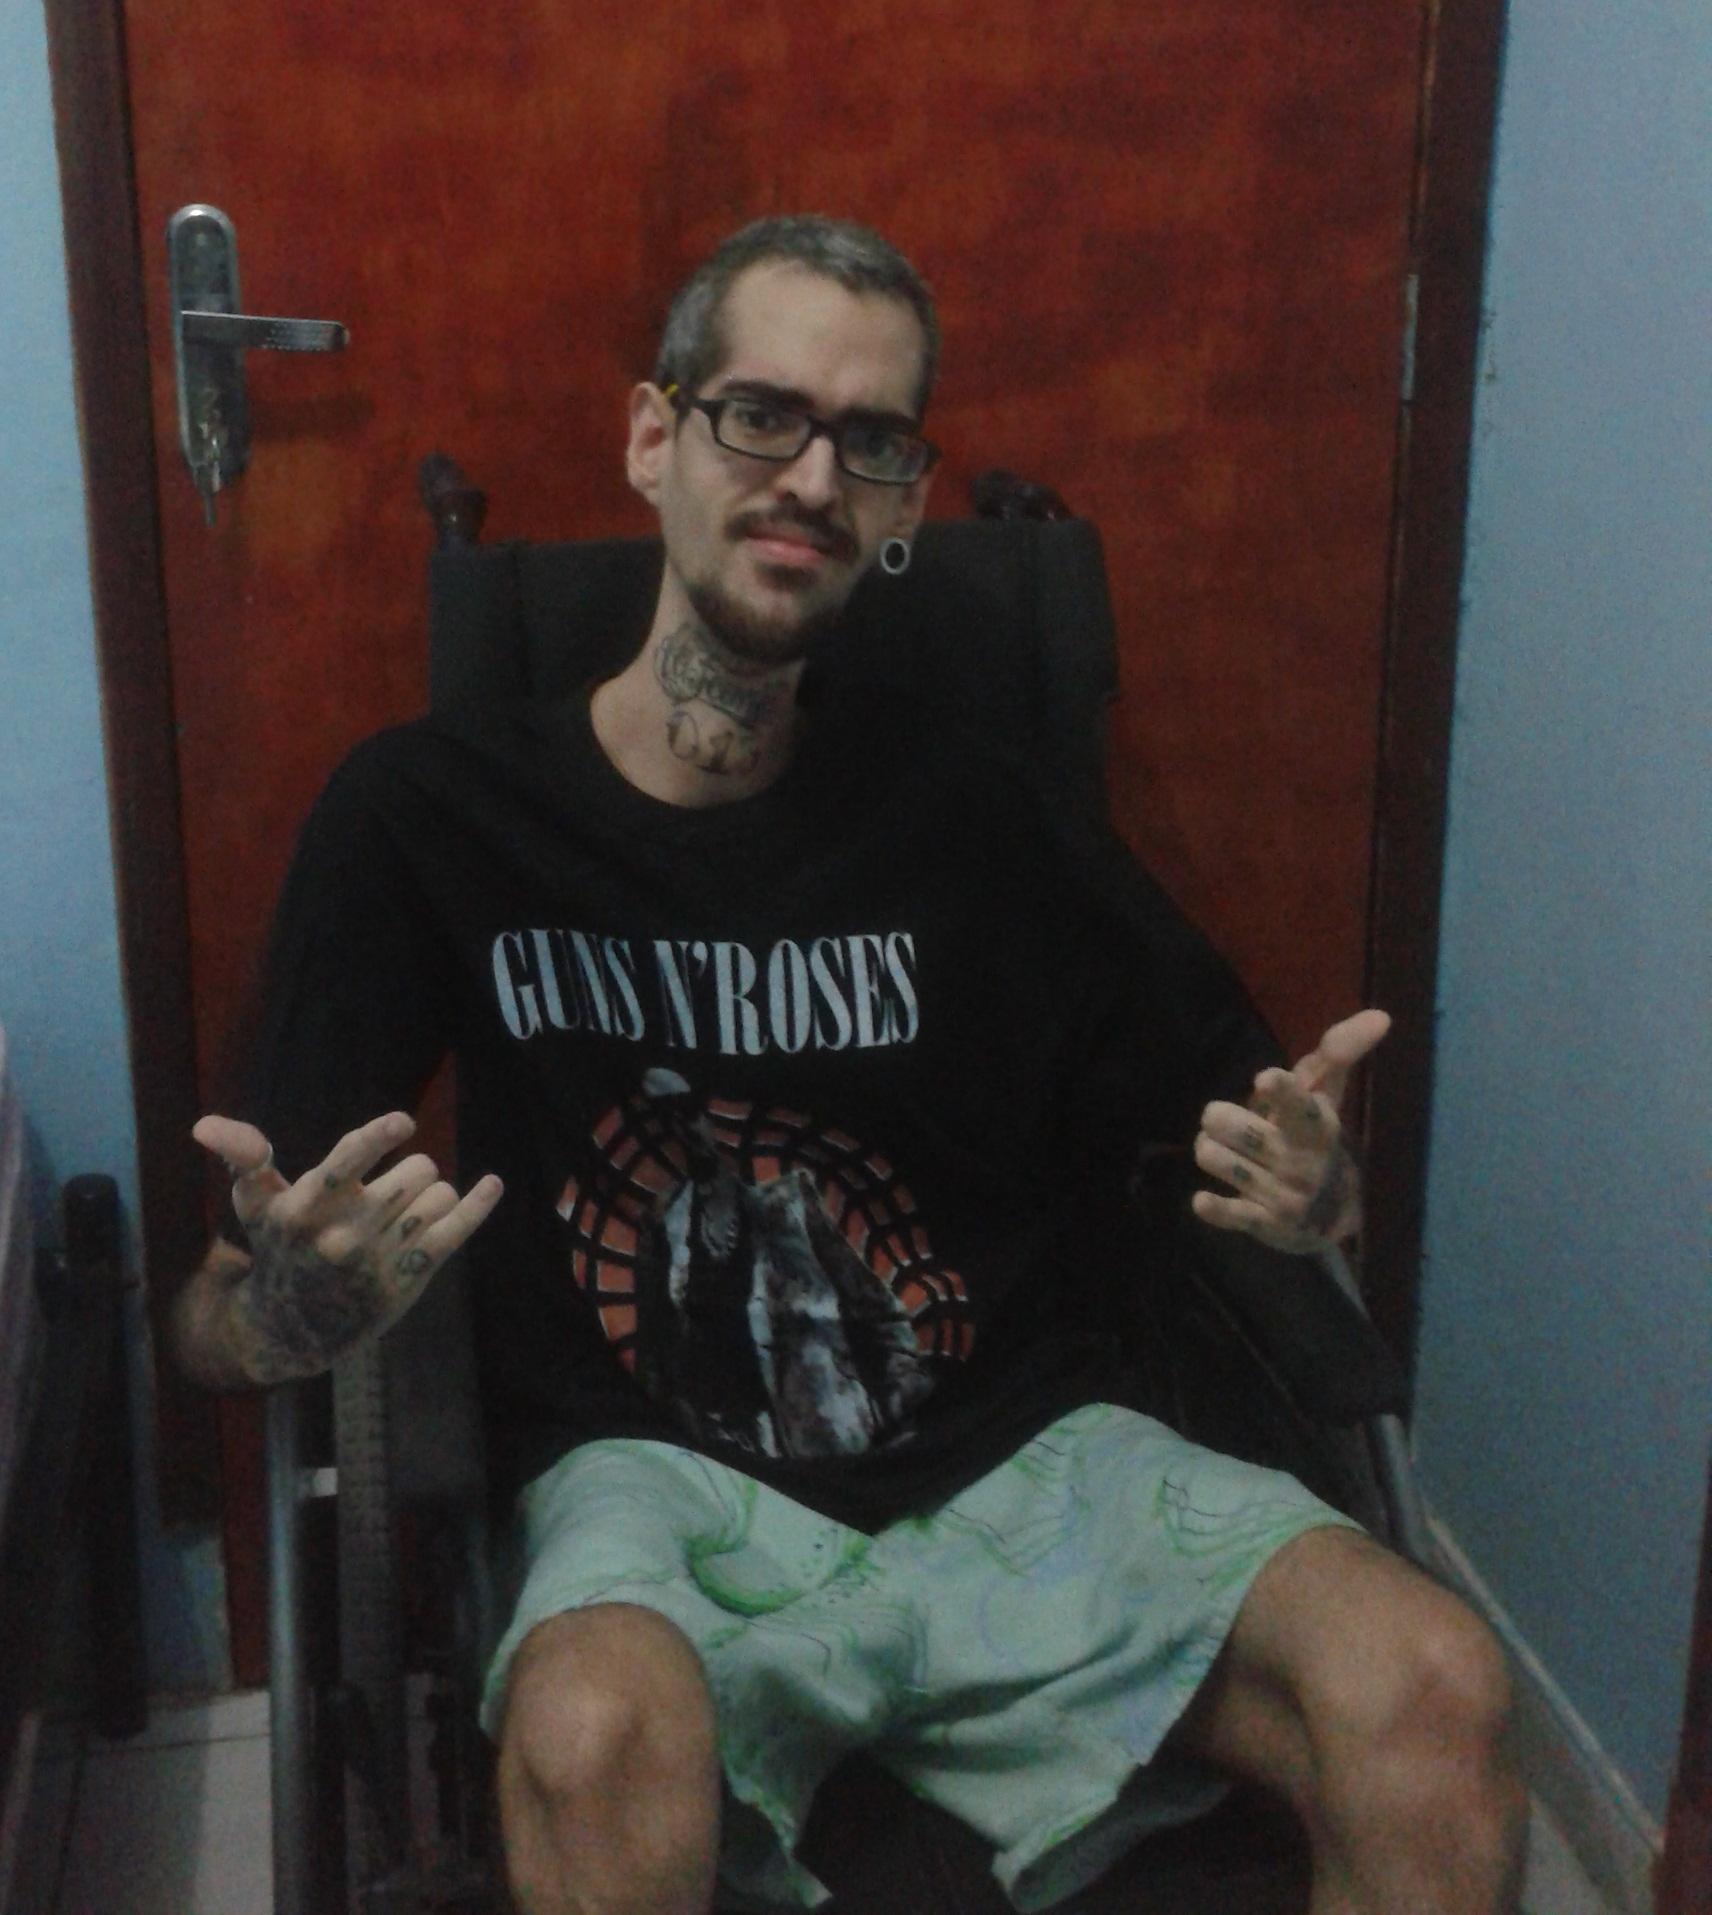 Francisco Wilker Girão (26) nasceu com distrofia muscular e deseja assistir o show da banda Guns N' Roses com segurança. (FOTO: Arquivo pessoal)